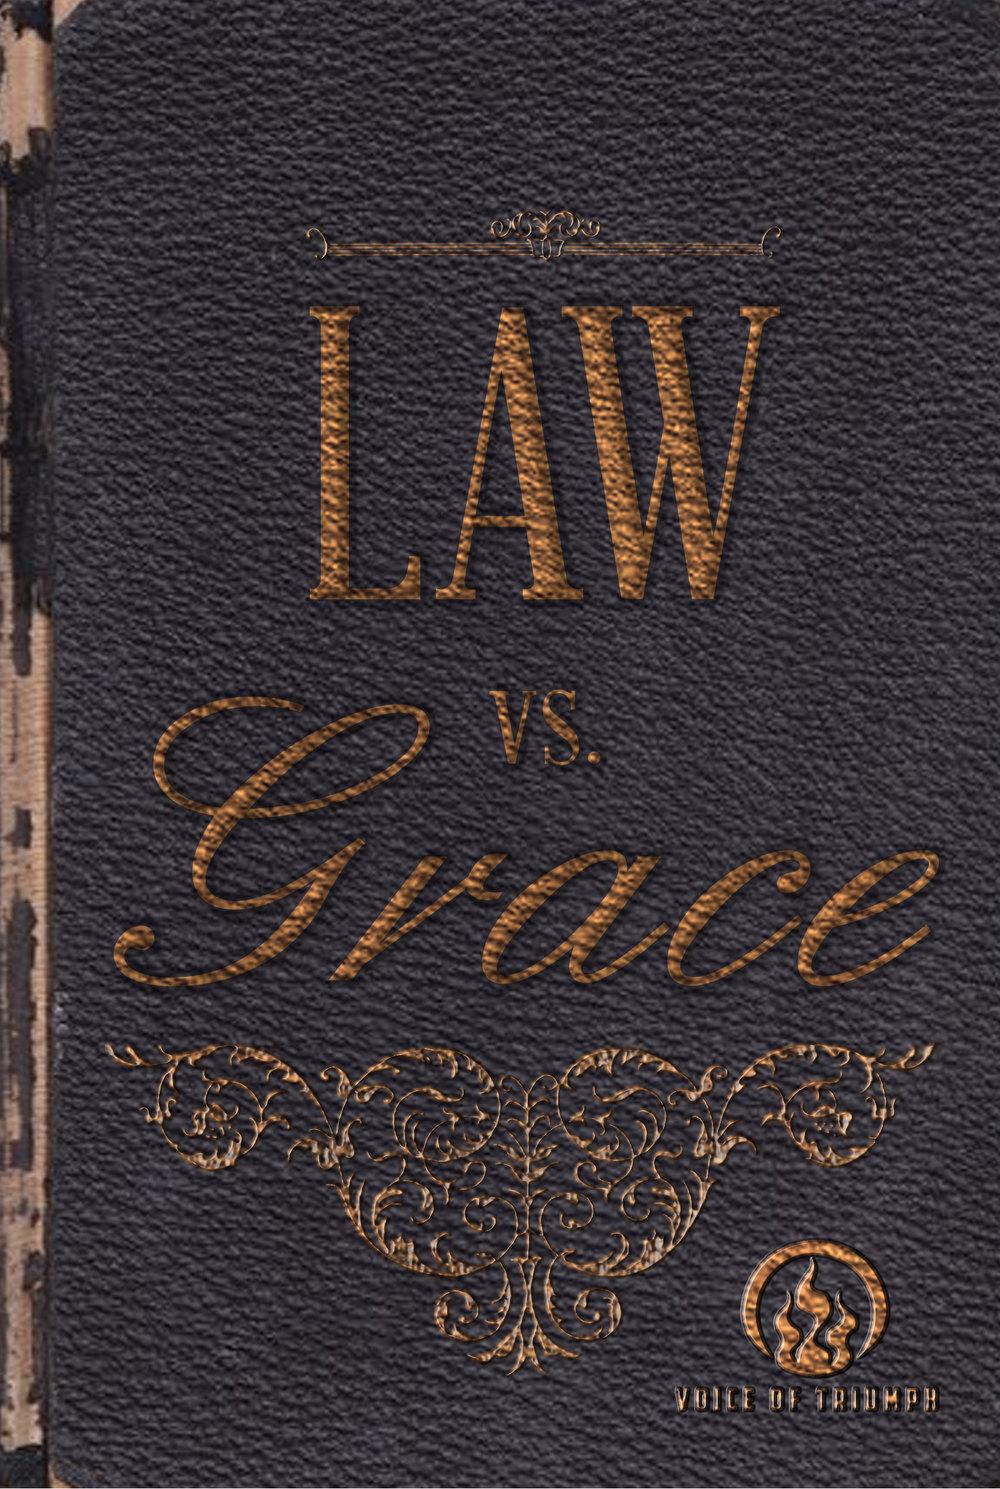 The Law vs Grace